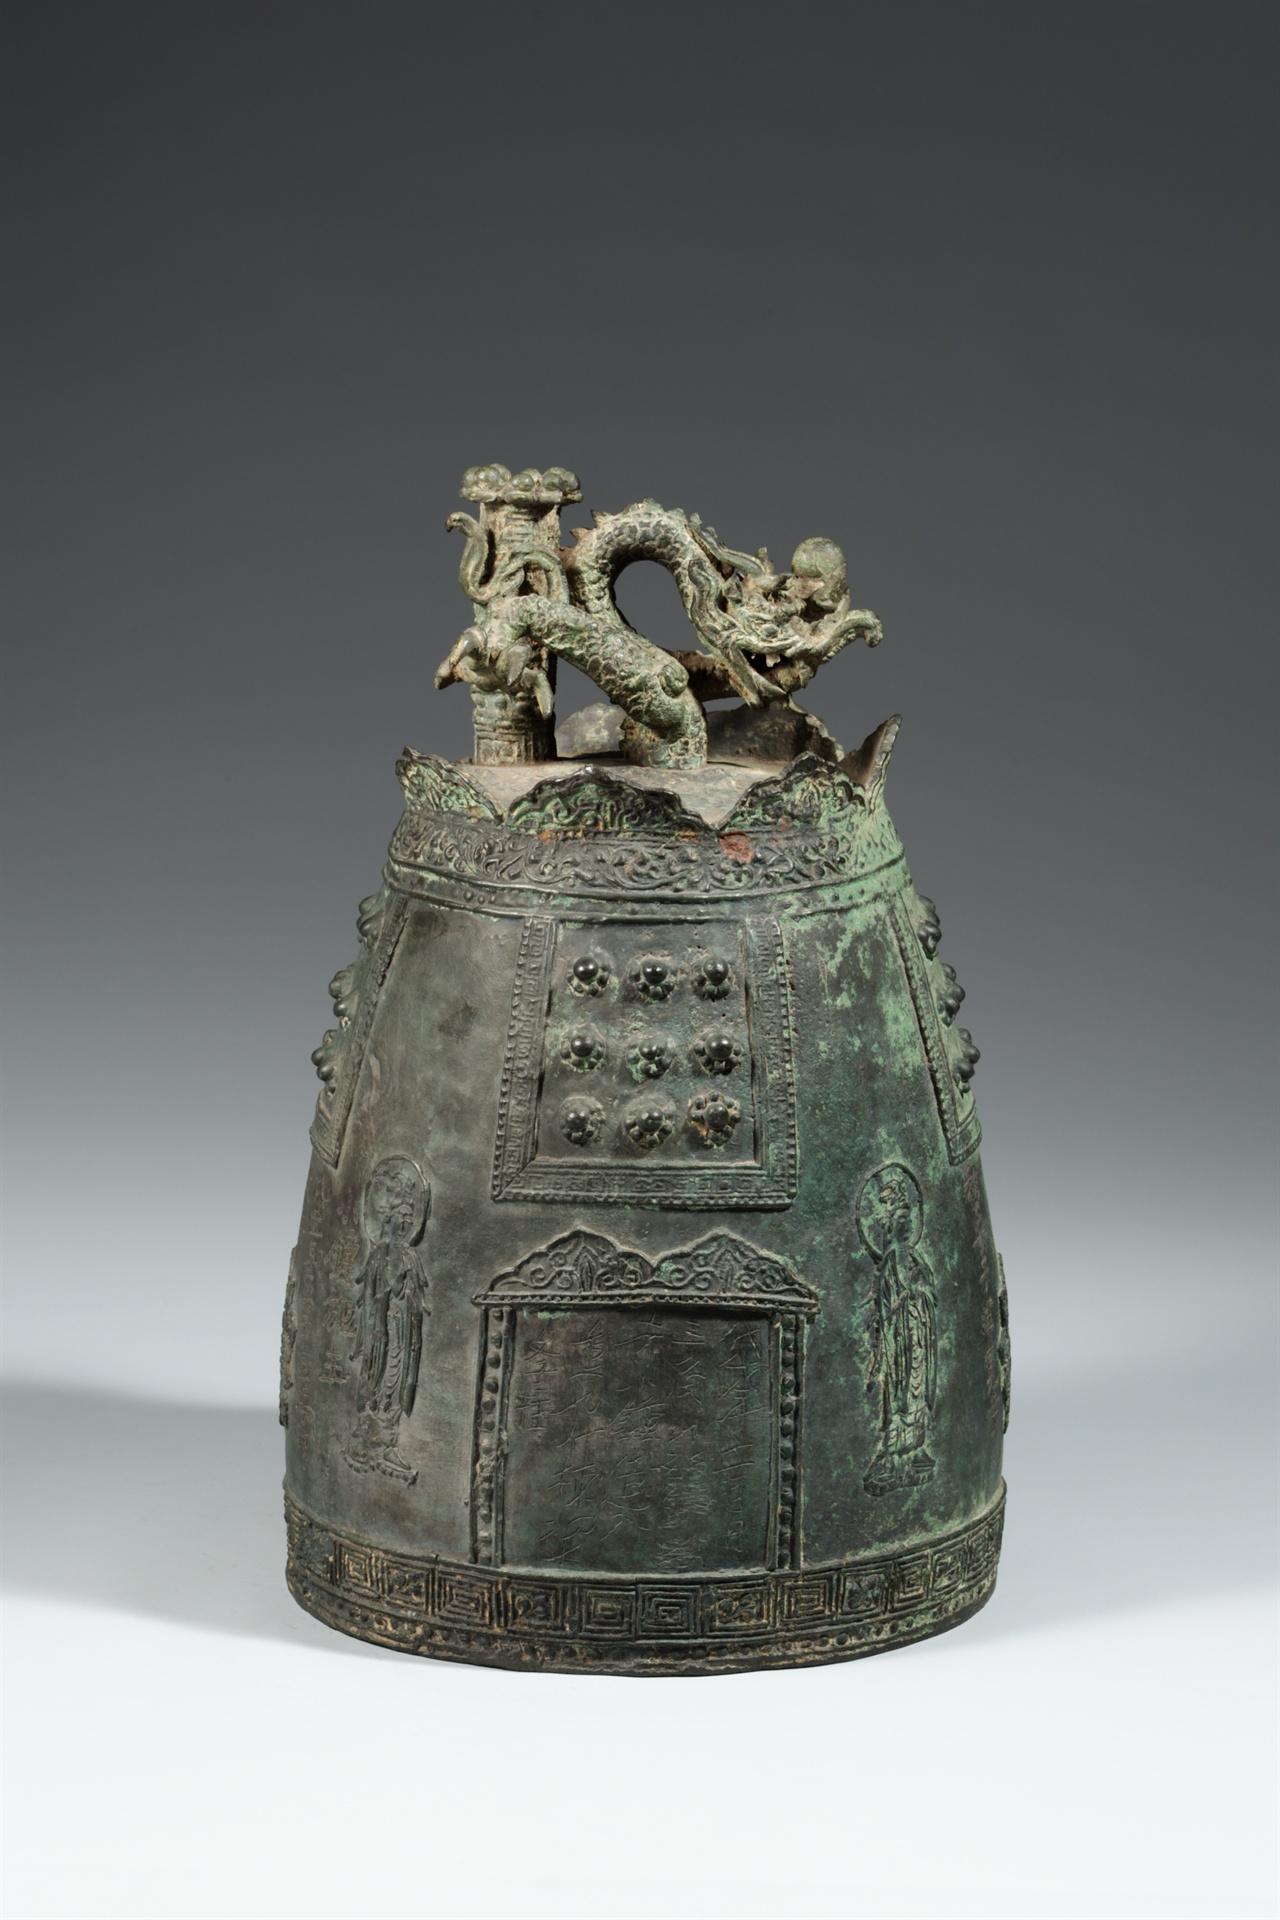 진관사동종 높이 29.8cm, 몸통지름 19.4cm의 고려시대 동종으로 다른 명칭은 '진관사명동중(津寬寺銘銅鐘)'이다.